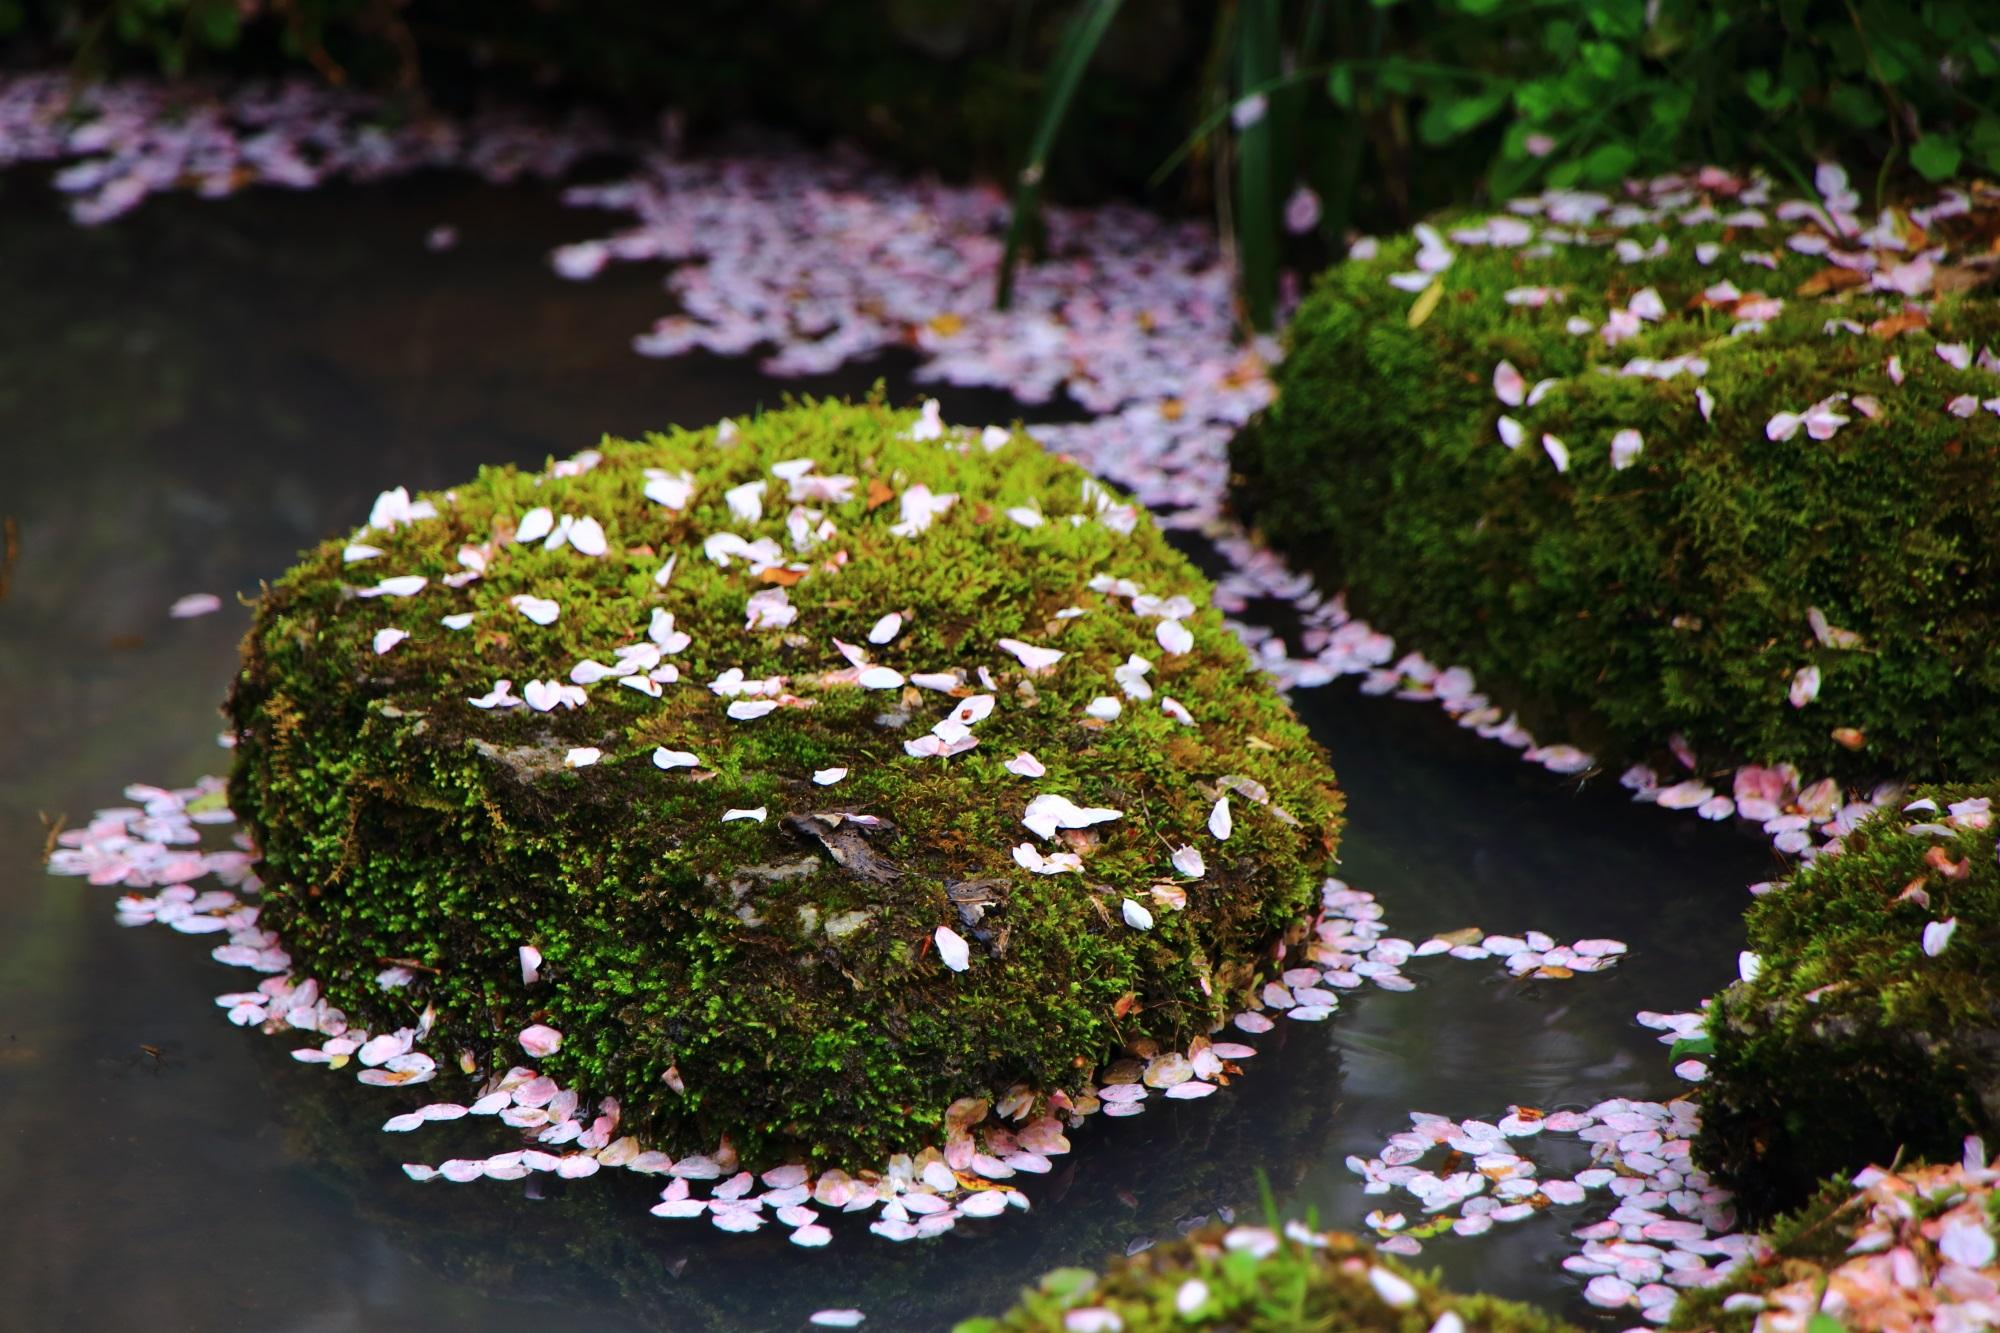 苔や岩の上にも優雅に散る花びら